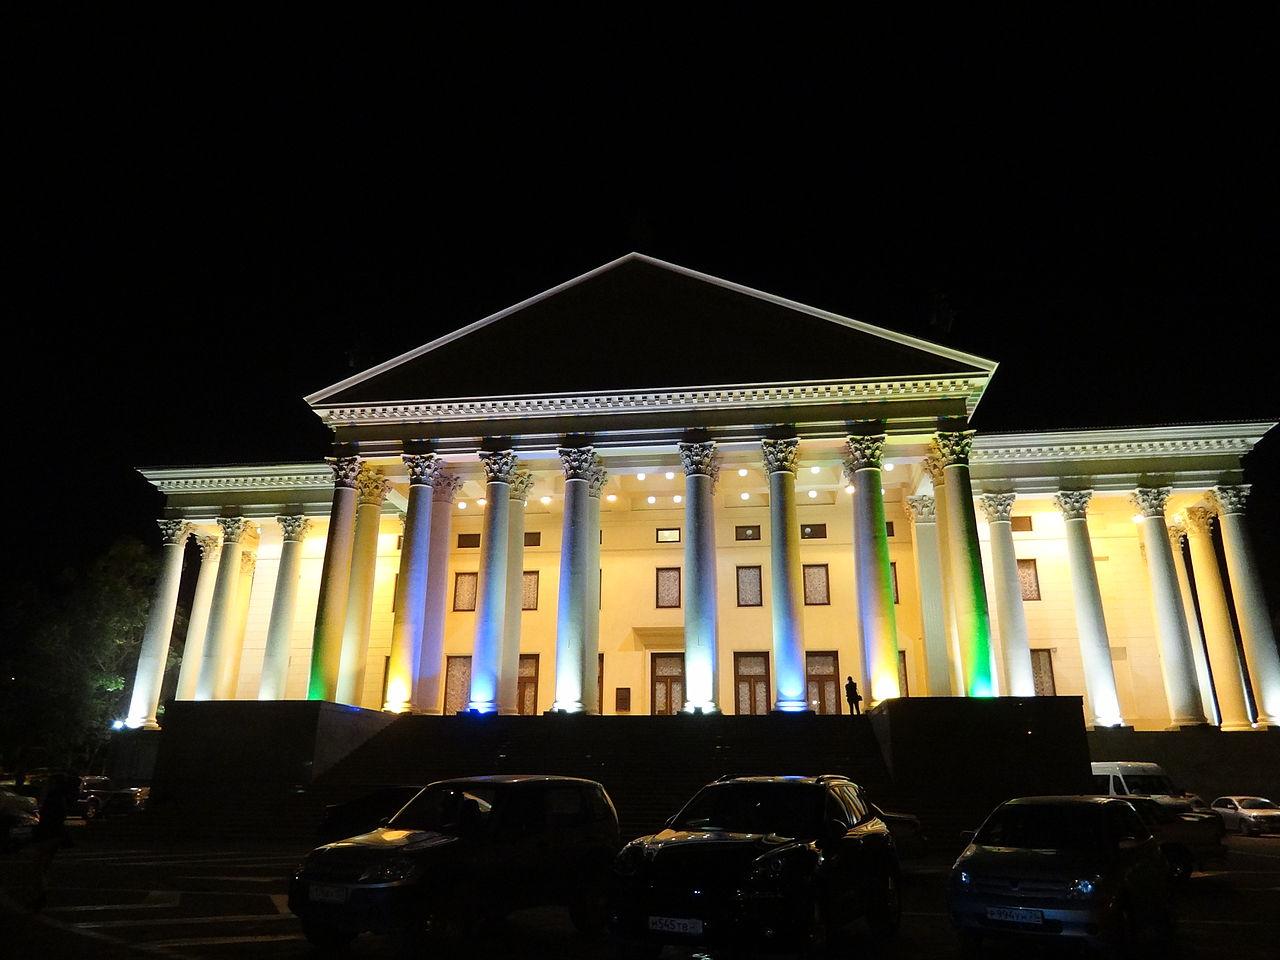 Зимний театр Сочи, вечерний спектакль